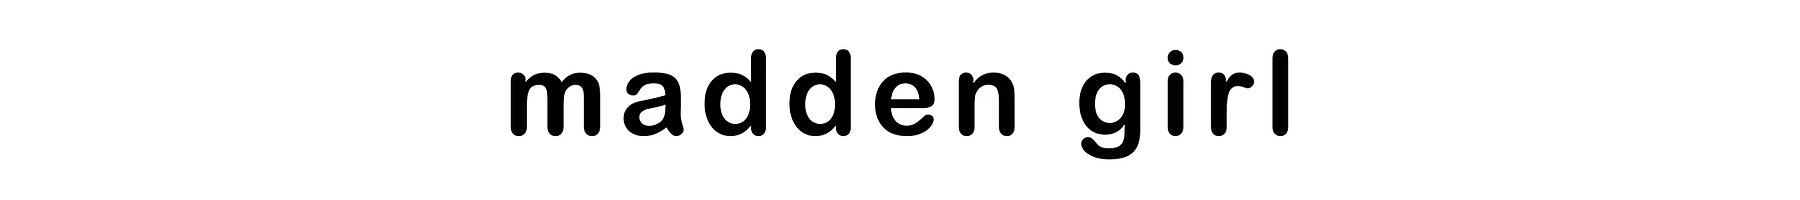 DrJays.com - Madden Girl